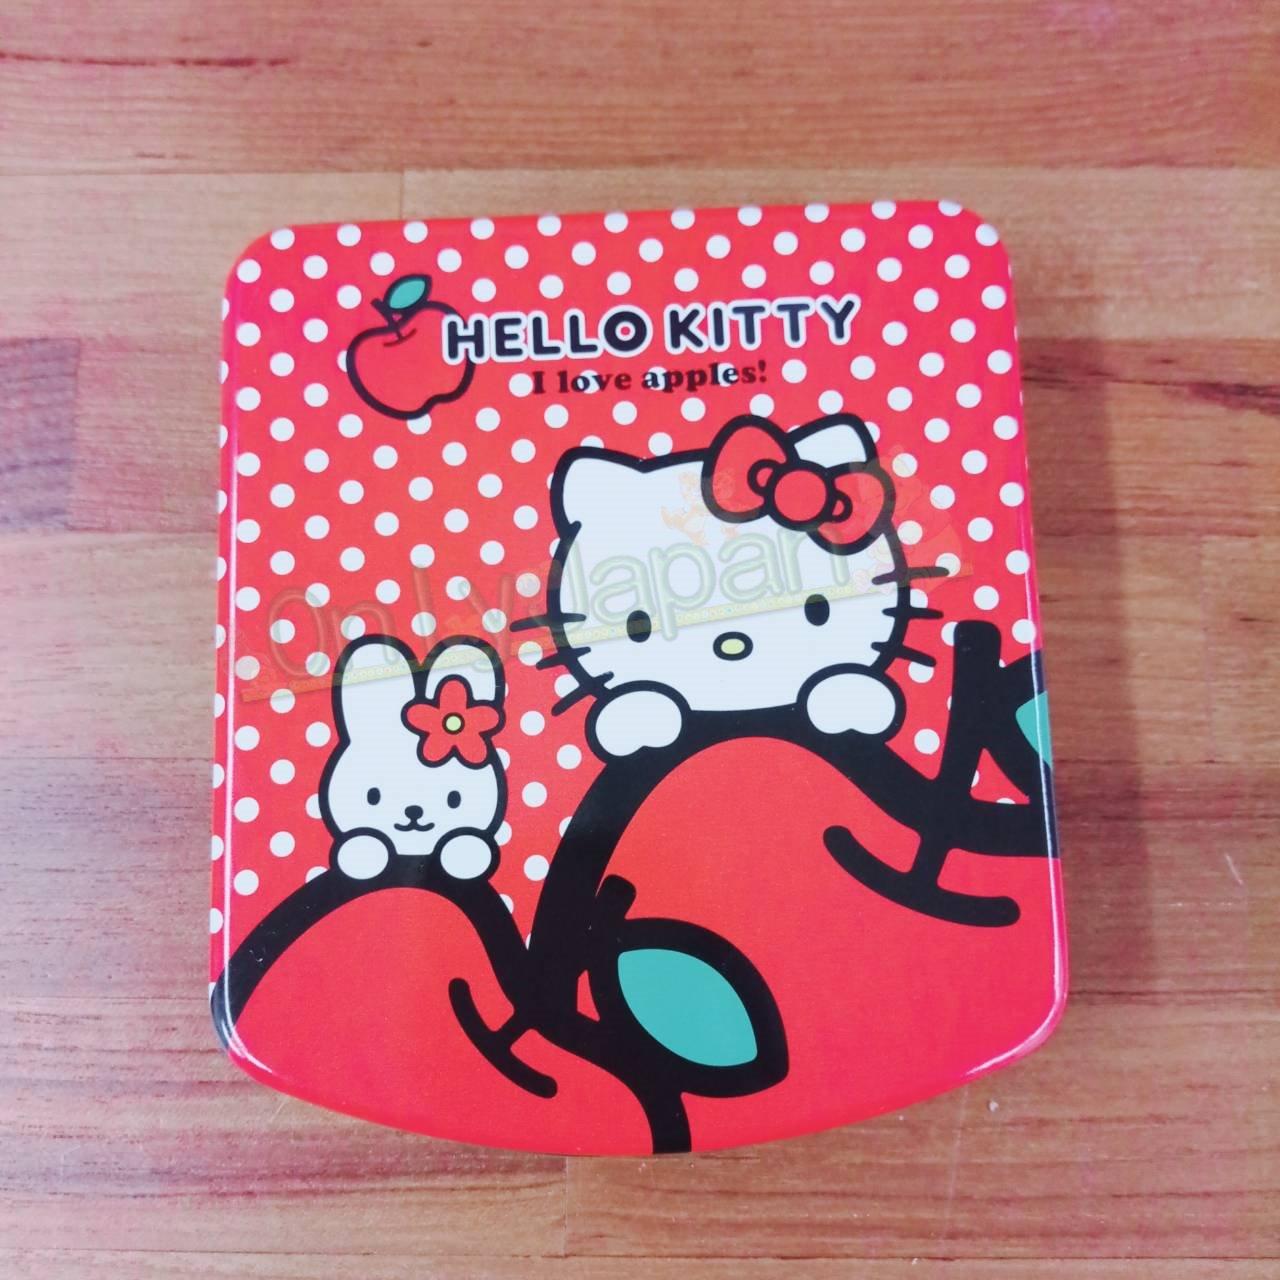 19020100093 便條紙鐵盒-KT蘋果白點紅 凱蒂貓kitty memo紙 便籤 辦公室小物 便條紙 文具 真愛日本